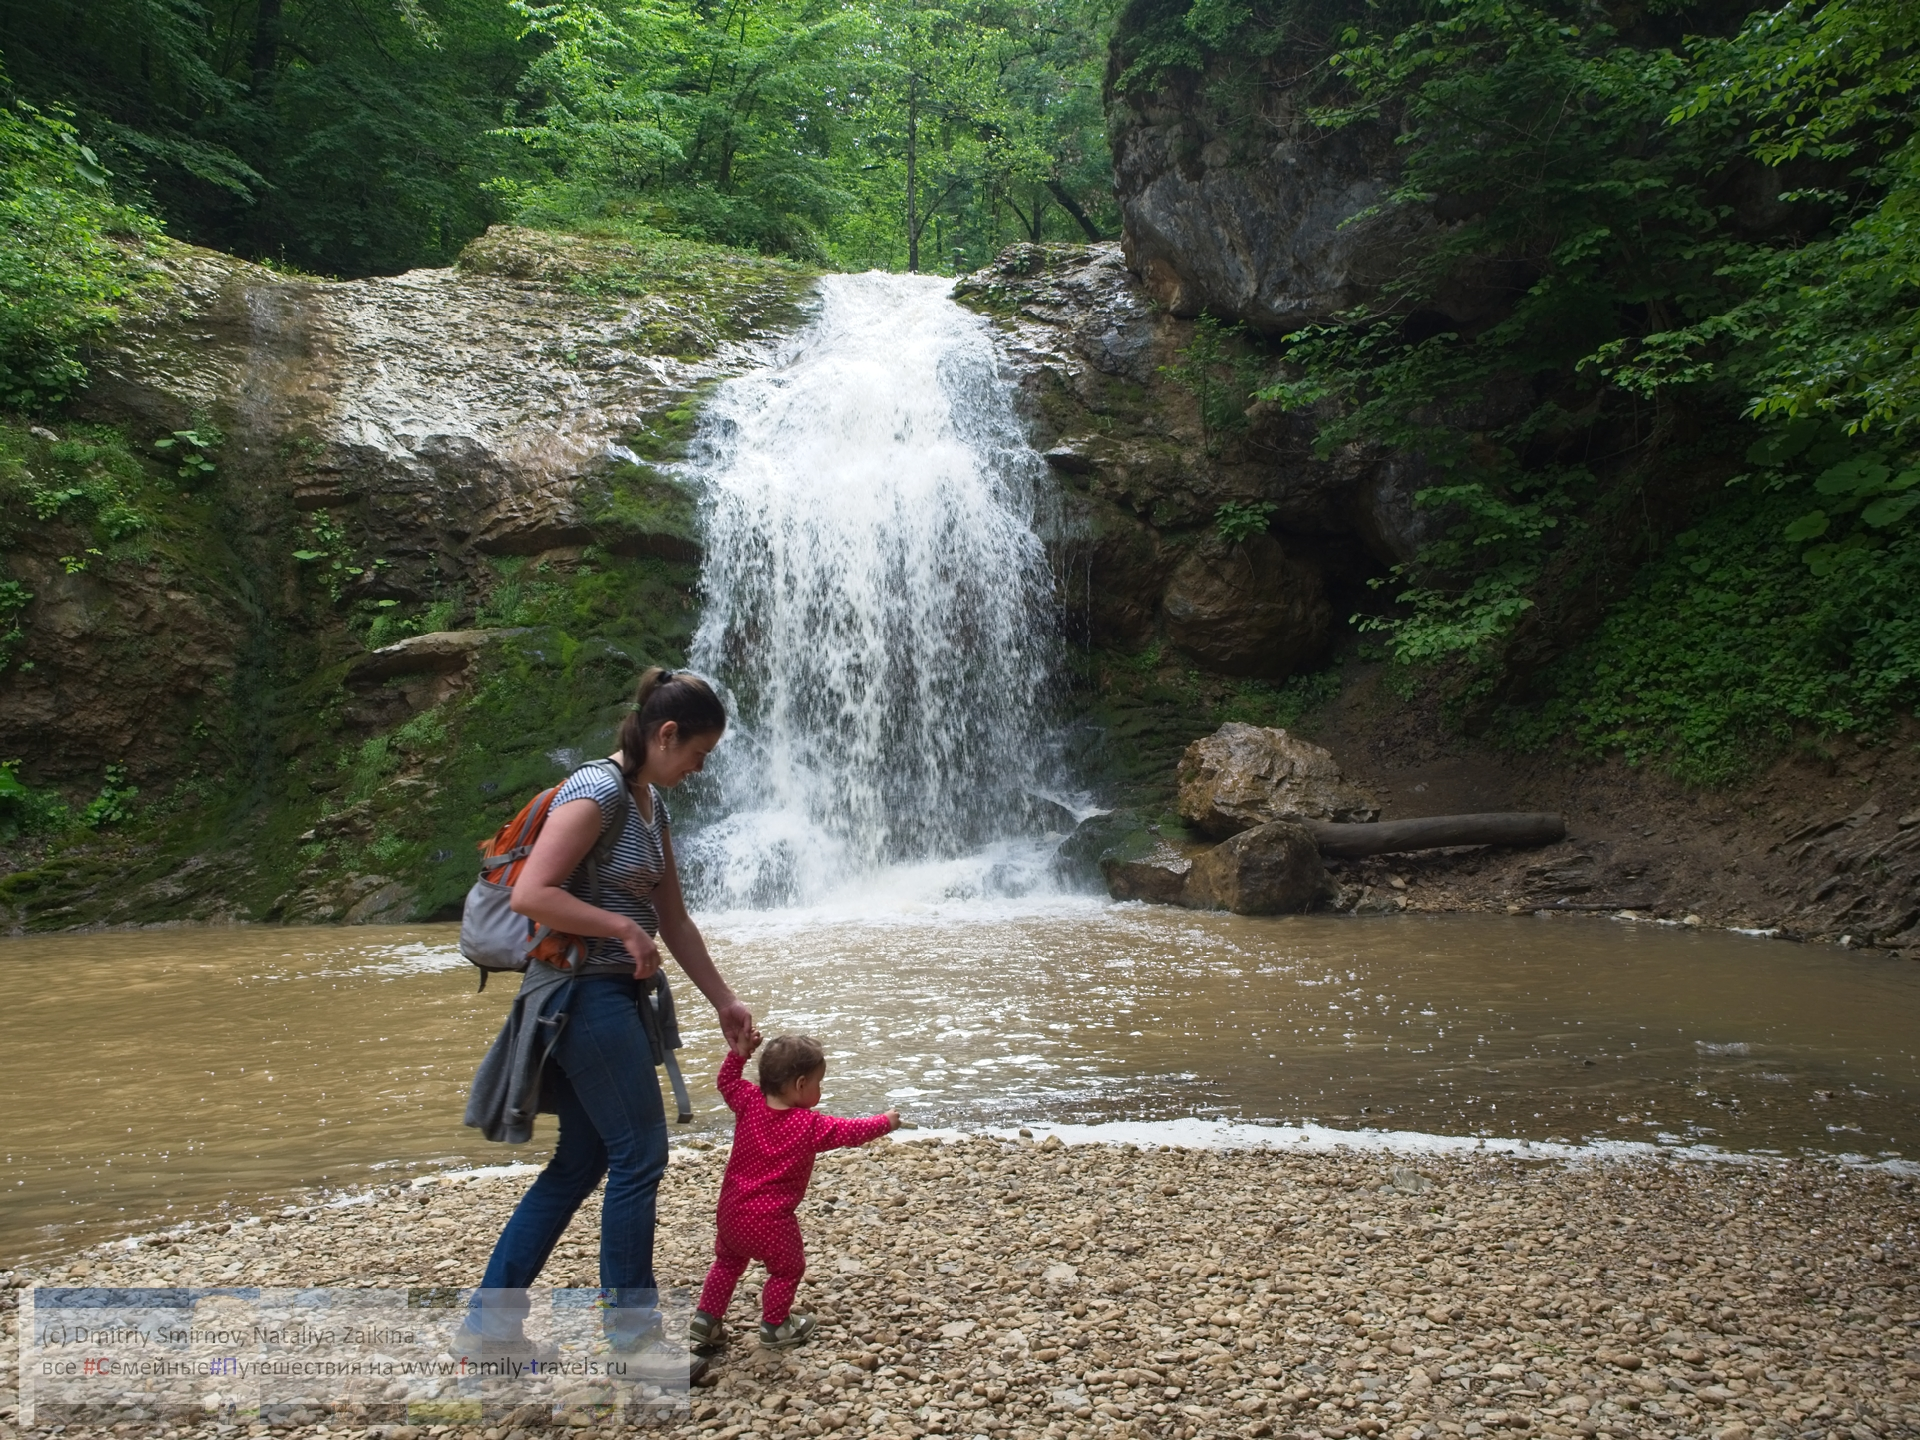 Путешествия  Питание и мелкие хитрости (в горы, с детьми… с сытыми детьми)